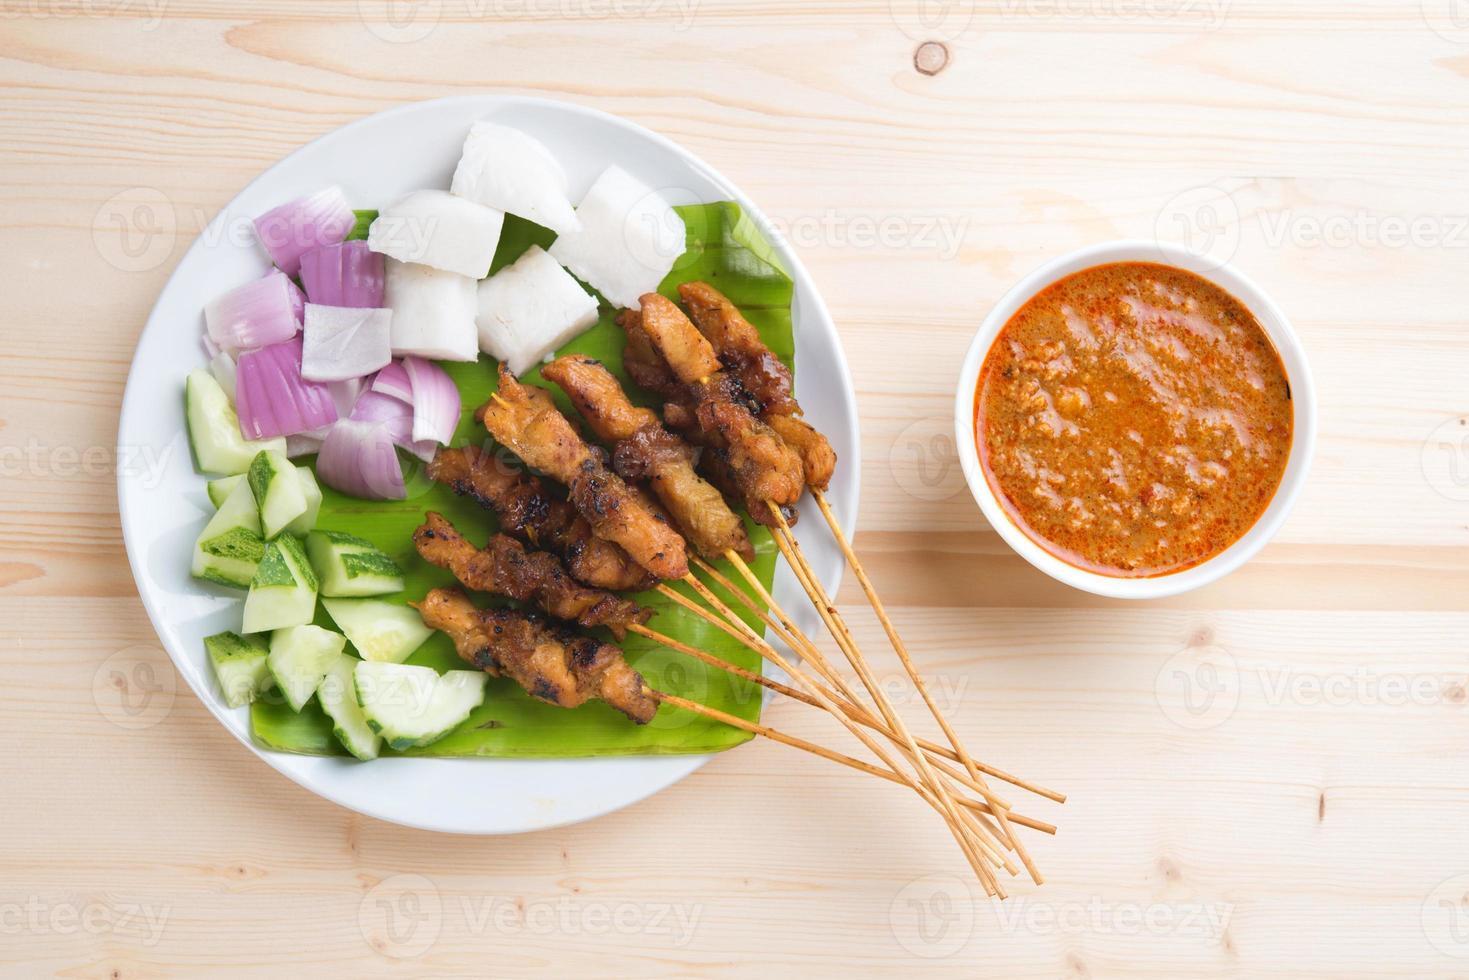 asiatischer Gourmet-Hühnchen-Satay foto